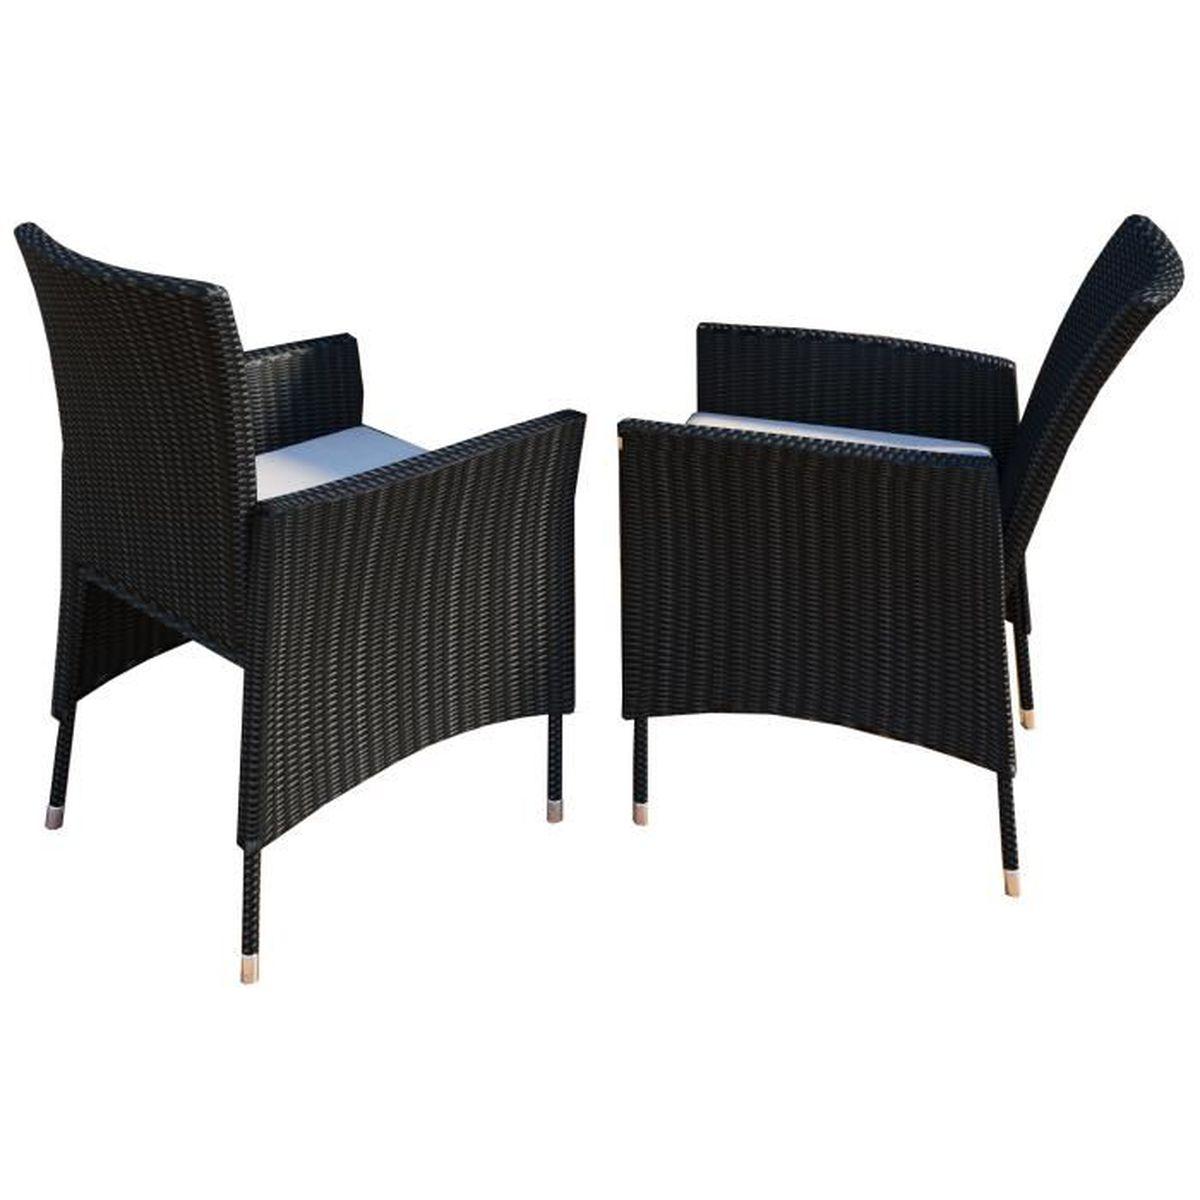 2x Chaise de jardin Rotin avec coussin Noir - Achat / Vente fauteuil ...